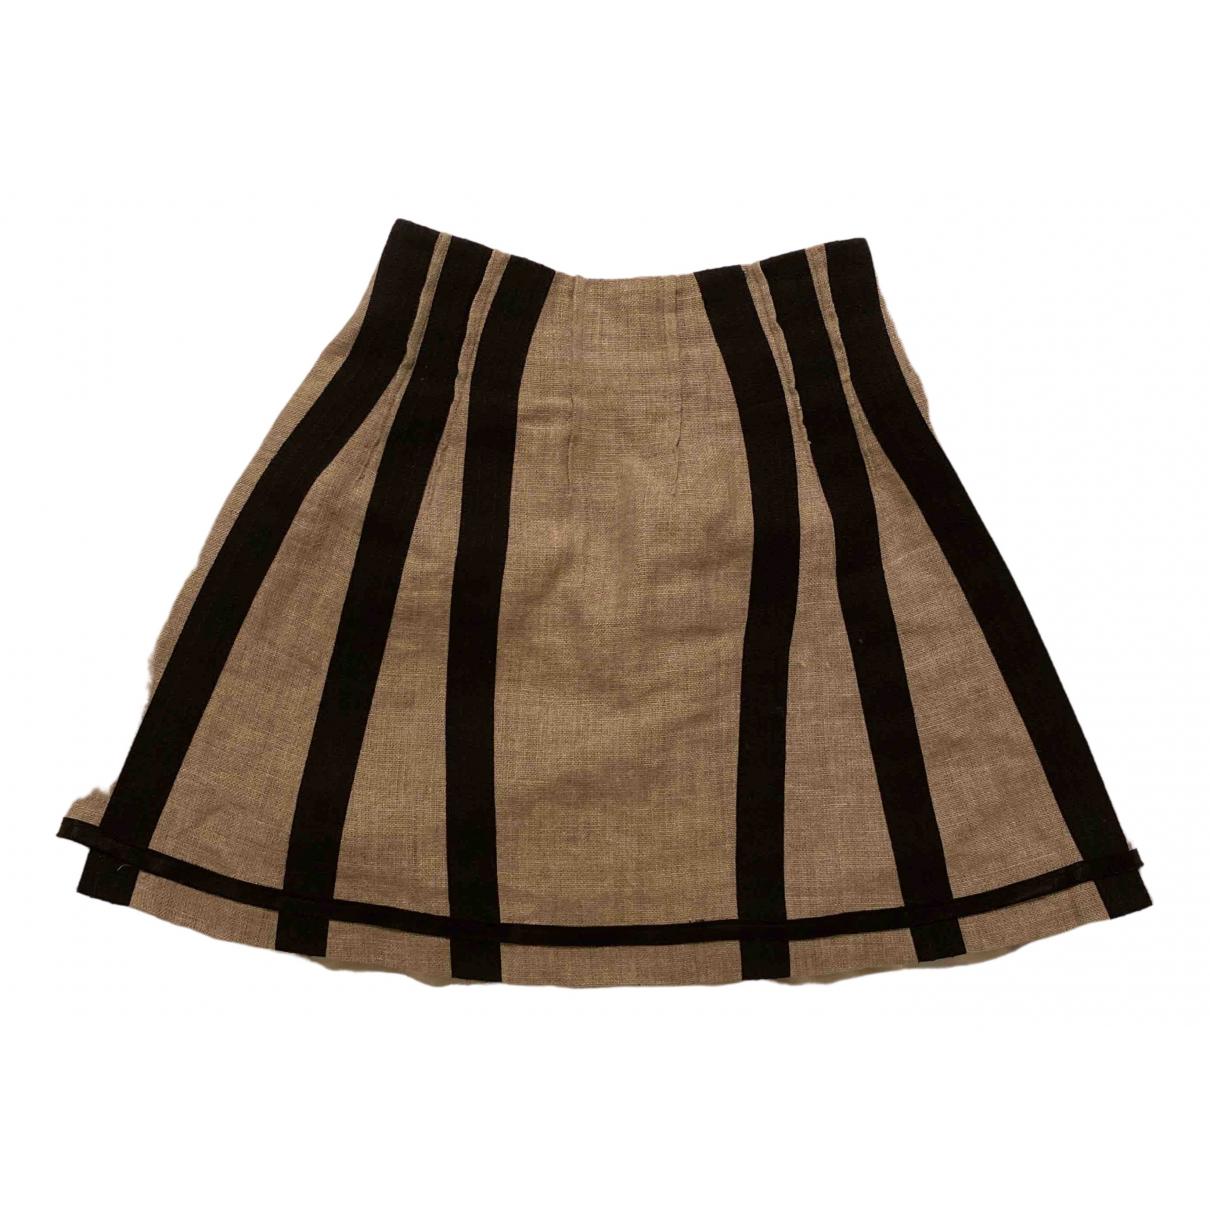 D&g N Beige Linen skirt for Women 38 IT